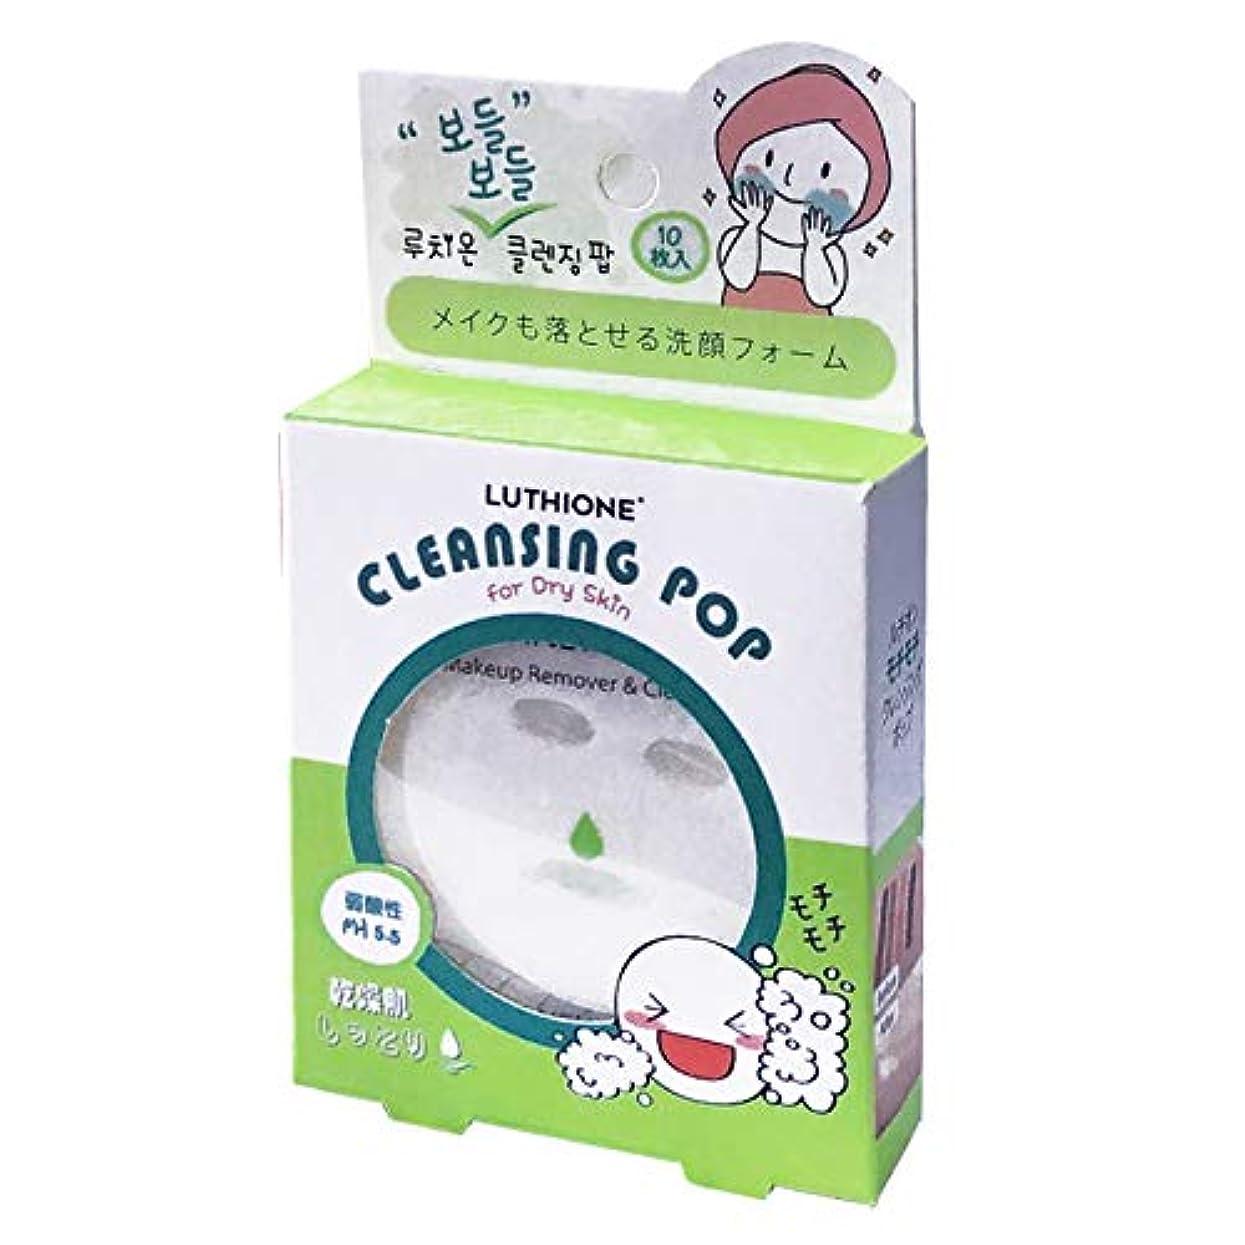 切断する洗剤マーチャンダイジング【まとめ買い】ルチオン クレンジングポップ (LUTHIONE CLEANSING POP) 乾燥肌 10枚入り ×6個